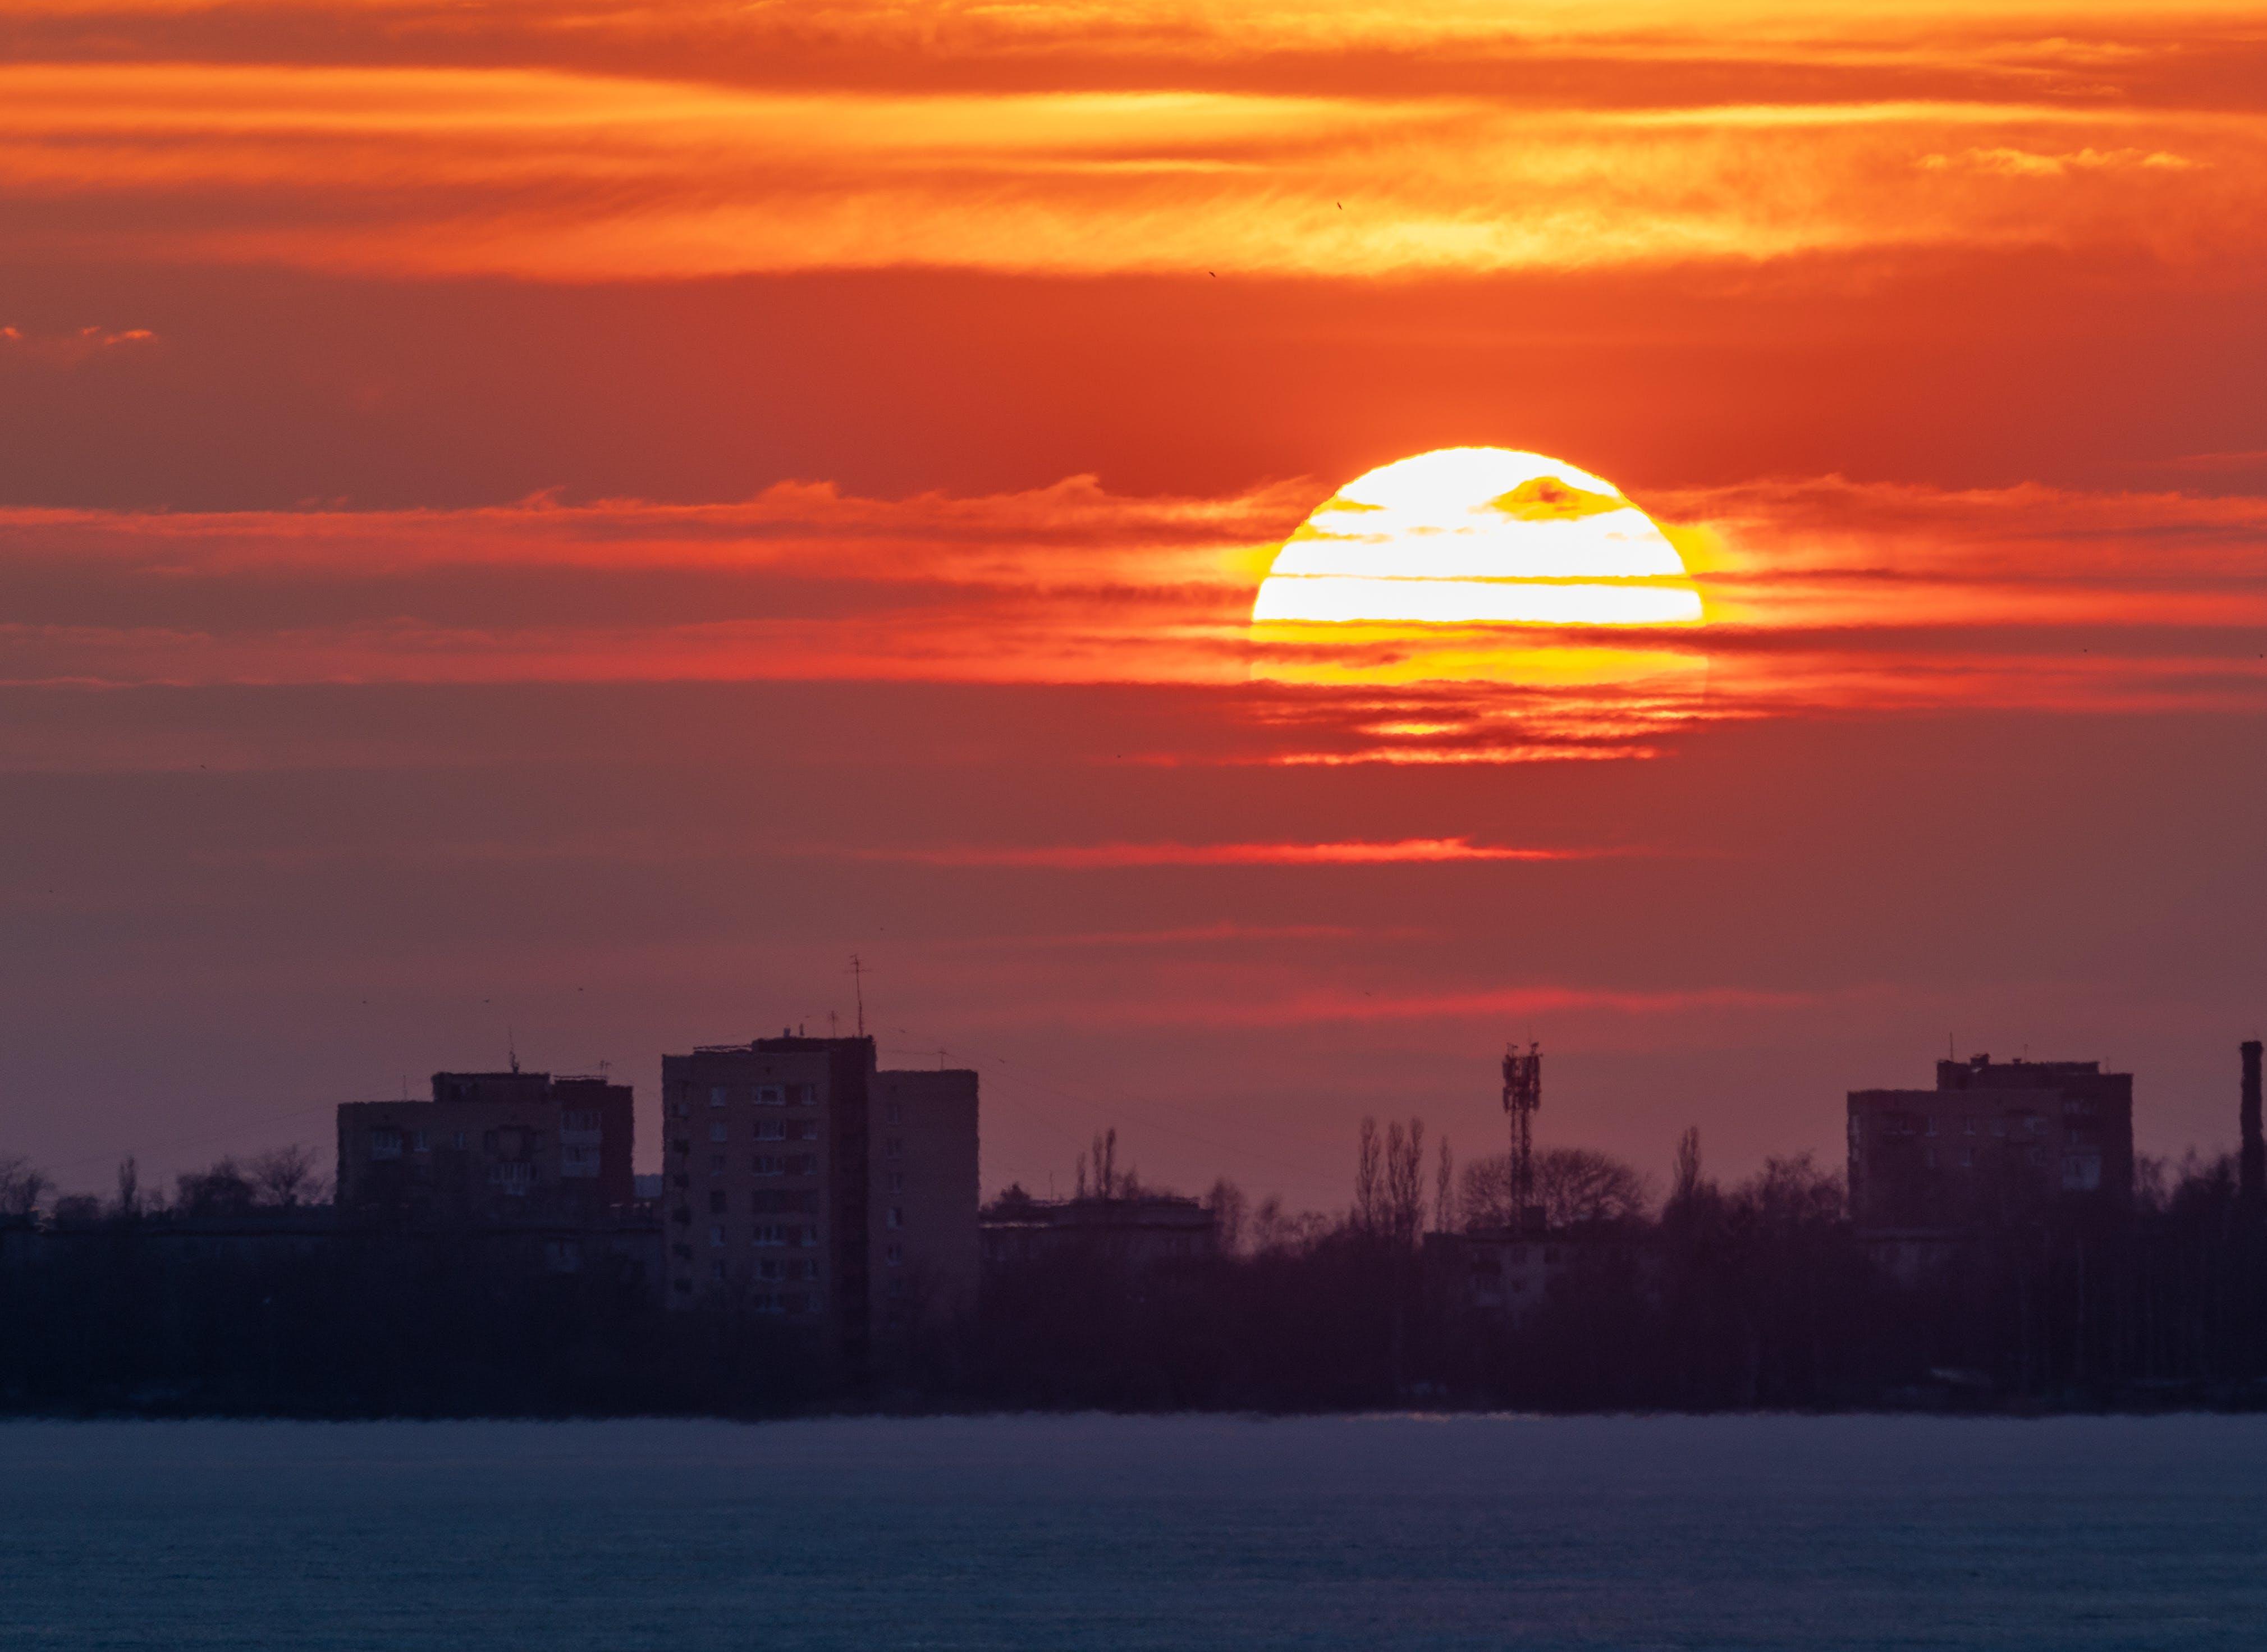 城市, 太陽, 日落, 景觀 的 免費圖庫相片